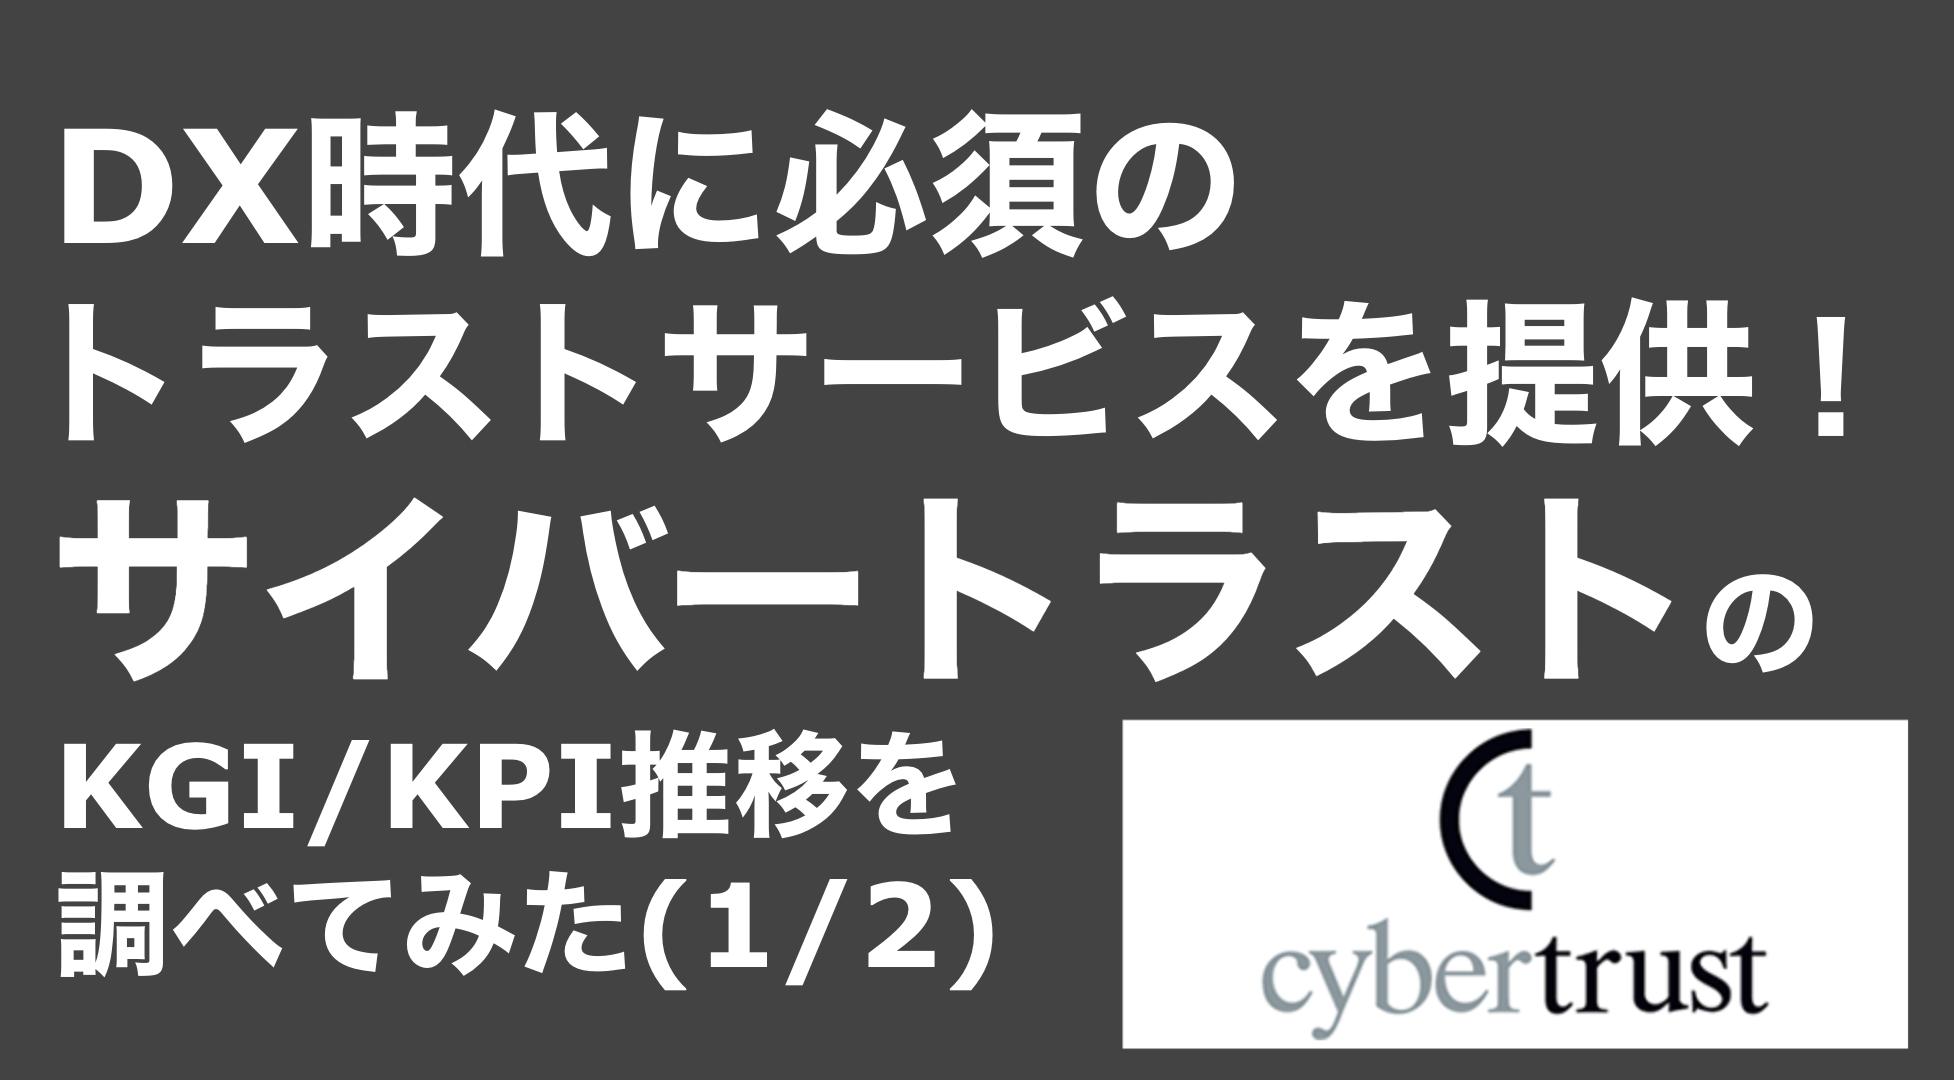 saaslife_ DX時代に必須のトラストサービスを提供!サイバートラストのKGI/KPI推移を調べてみた(1/2)